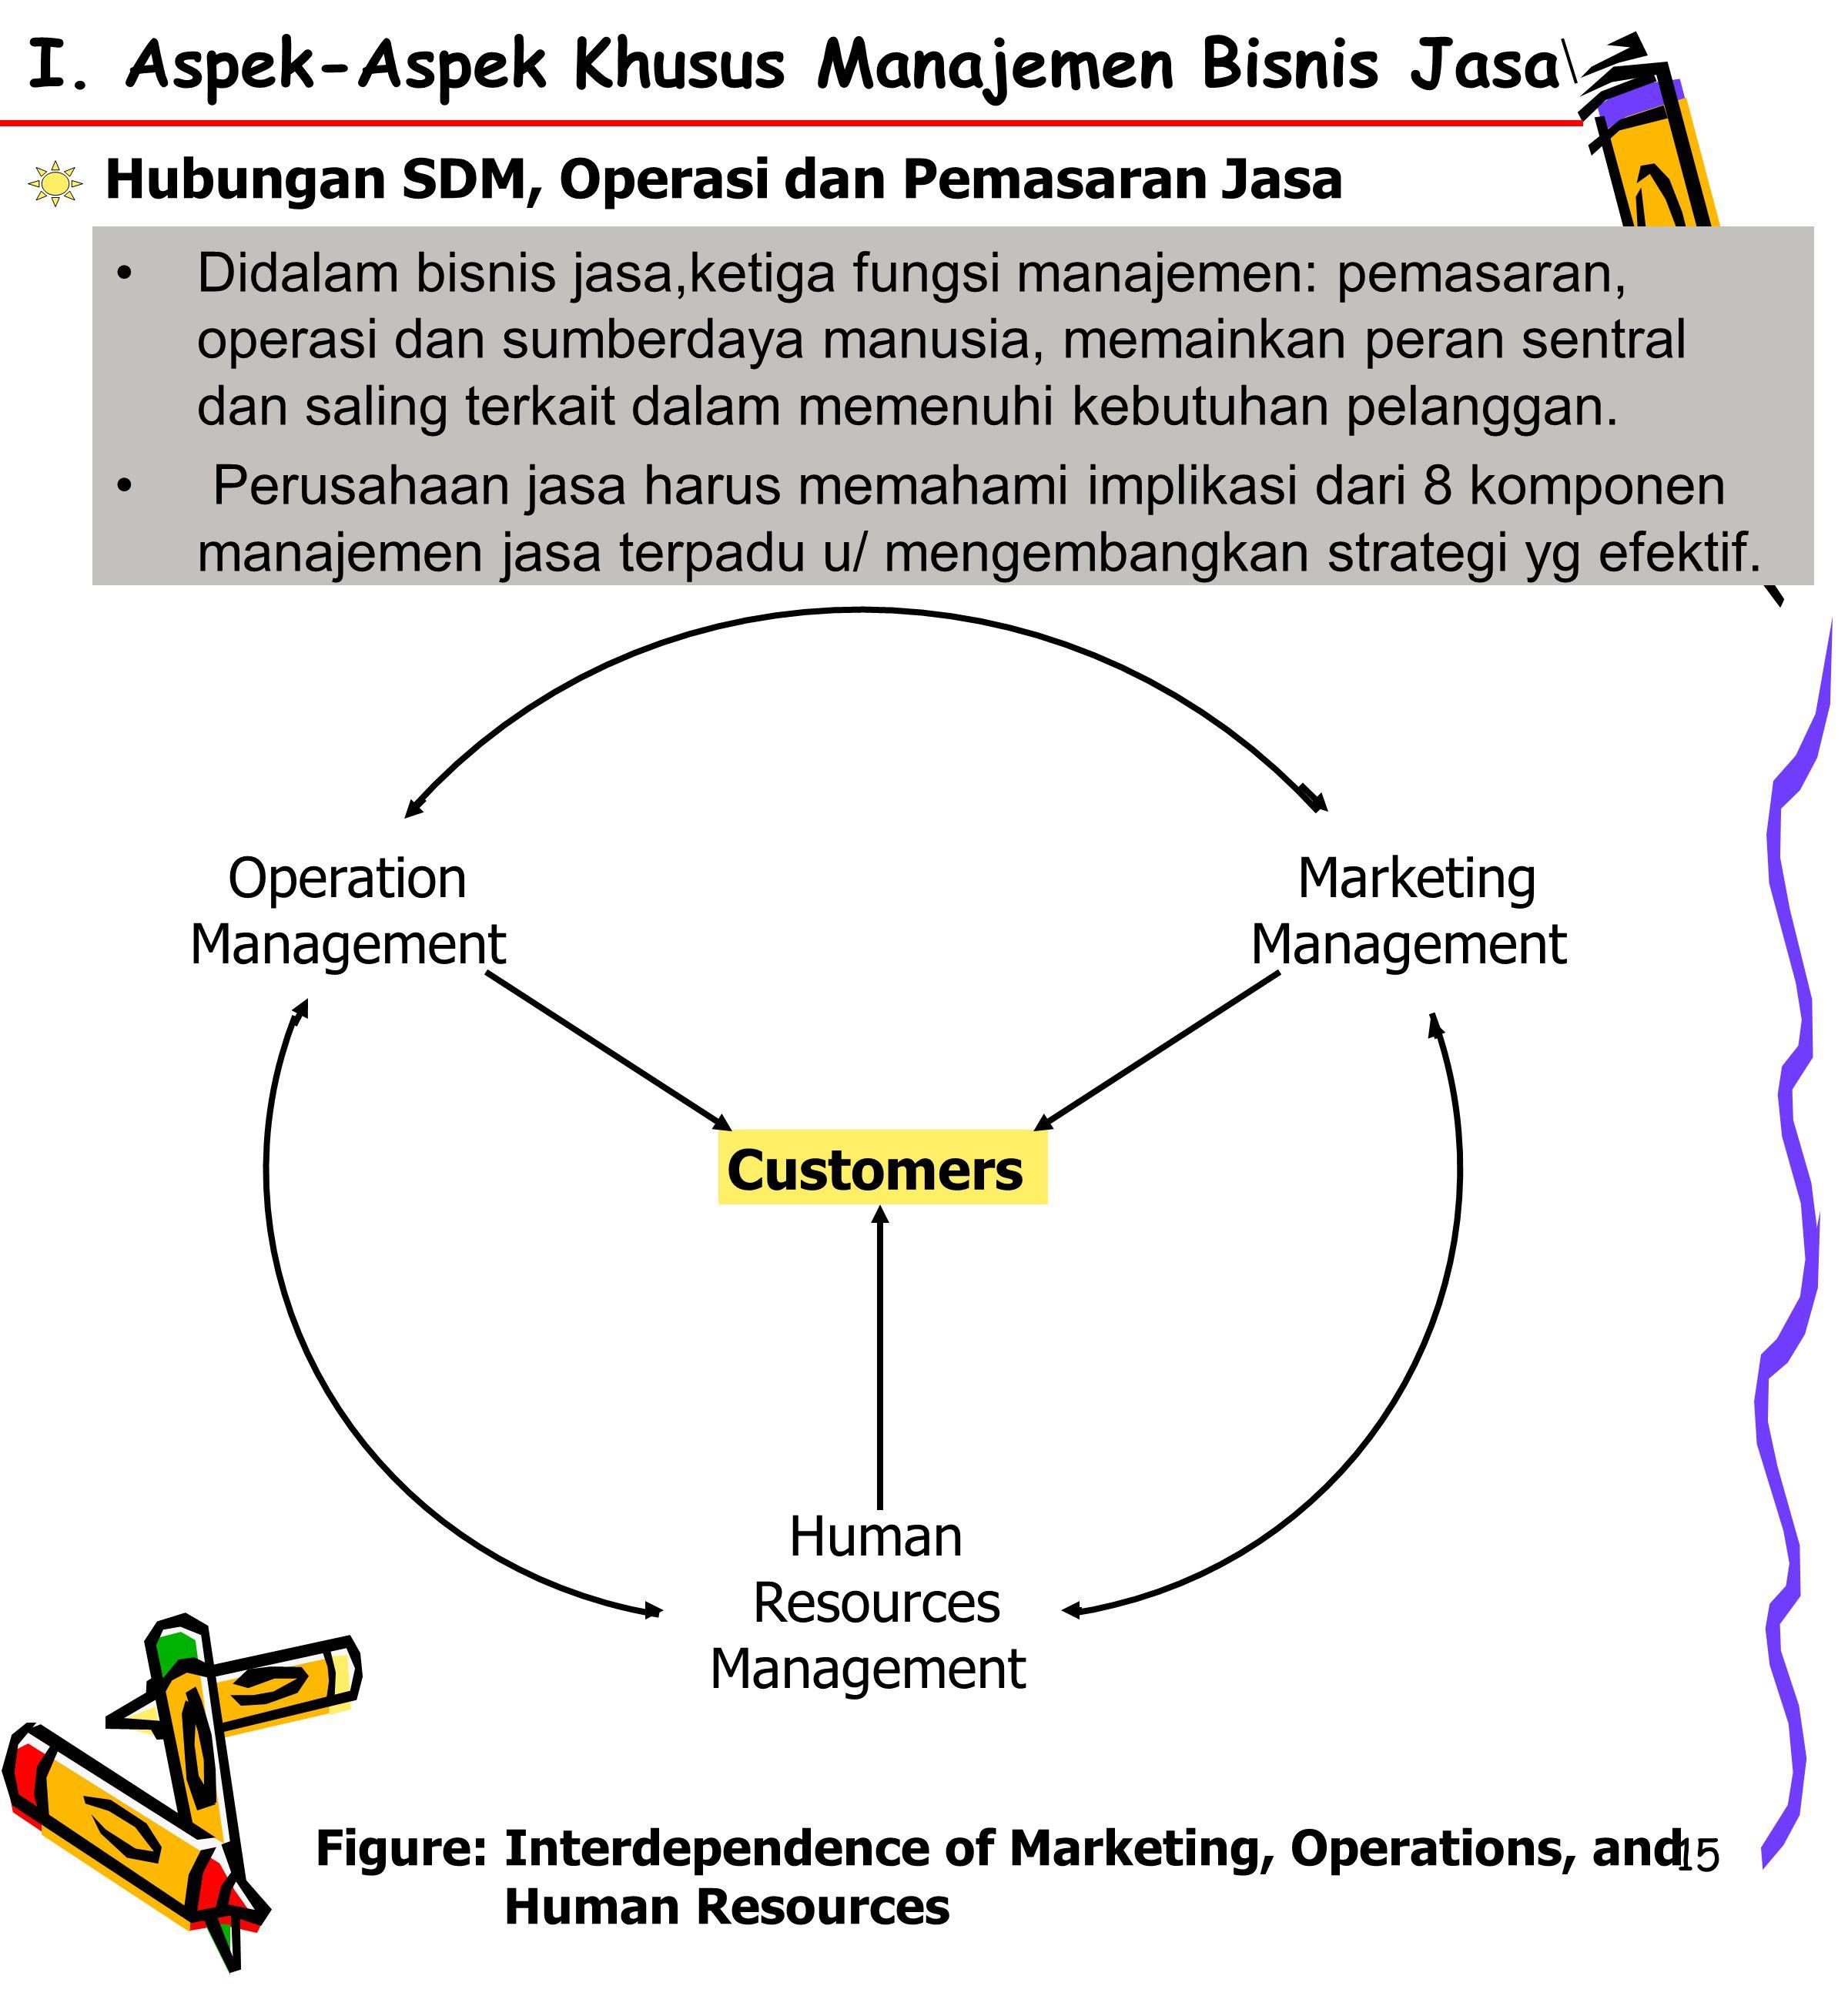 15 Didalam bisnis jasa,ketiga fungsi manajemen: pemasaran, operasi dan sumberdaya manusia, memainkan peran sentral dan saling terkait dalam memenuhi kebutuhan pelanggan.